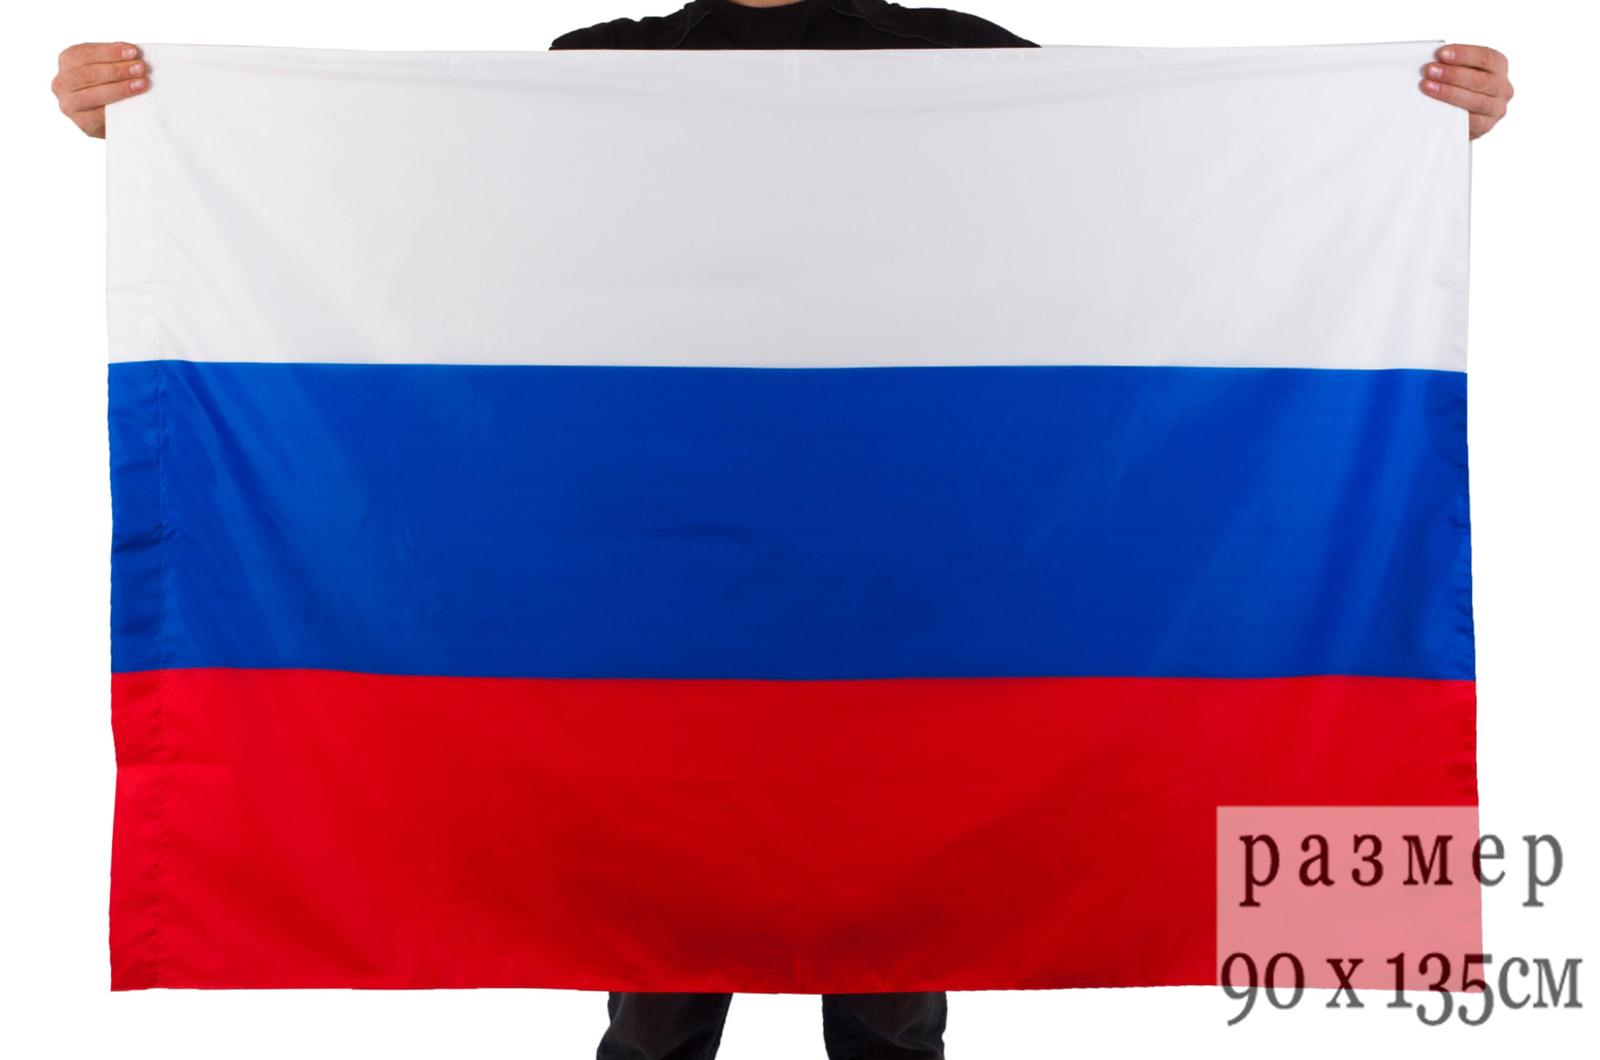 Купить флаг России по акции